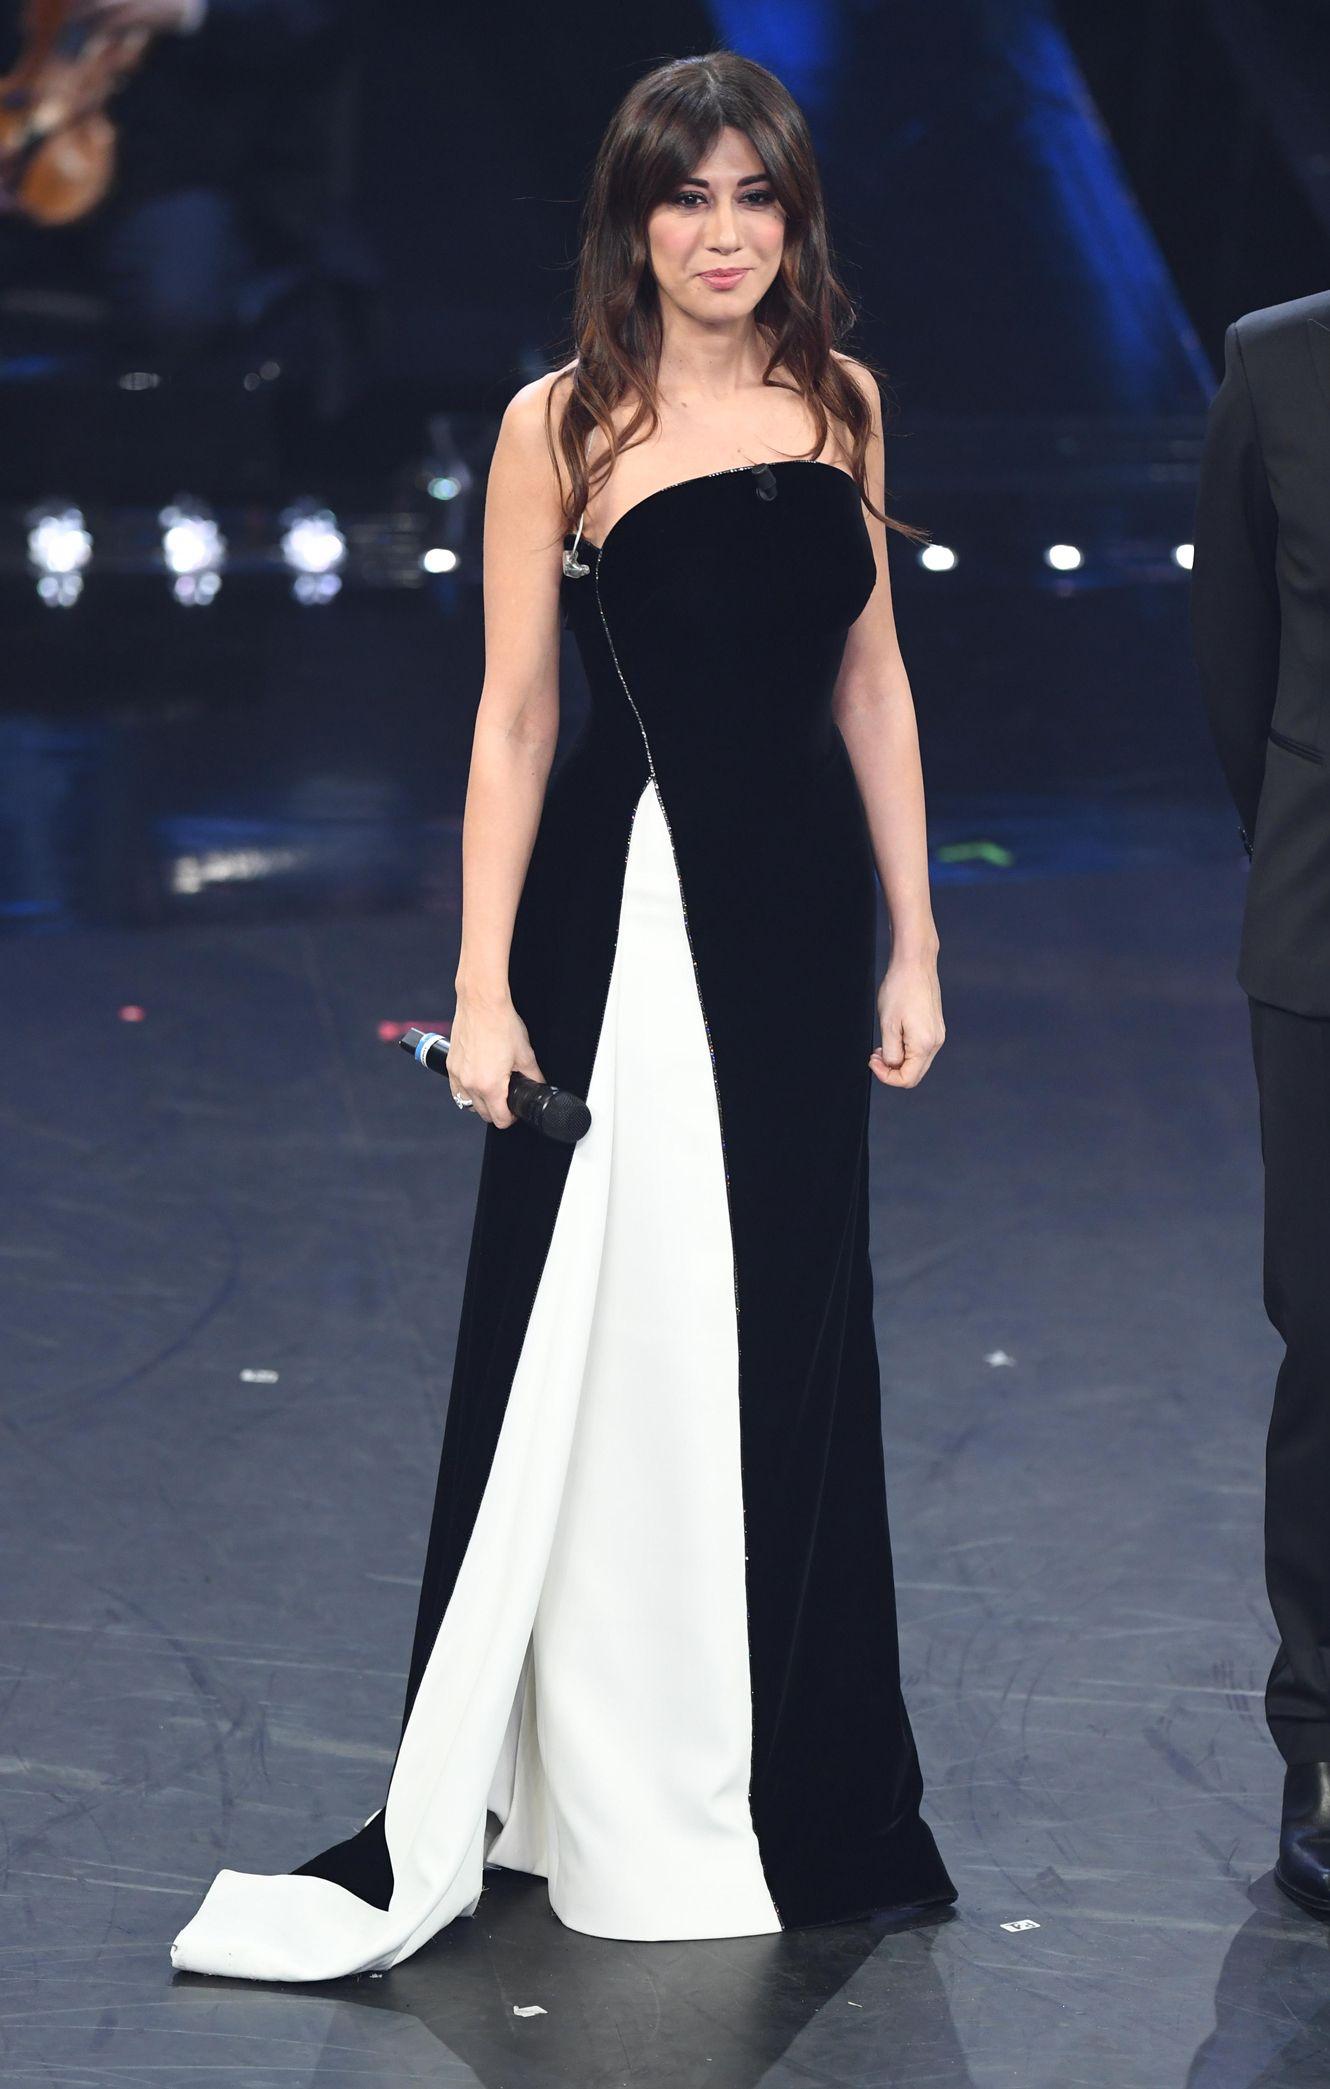 A Sanremo Stesso 2019 Indossa Vestito Virginia Nicole Lo Di Raffaele XPOiuTkZ